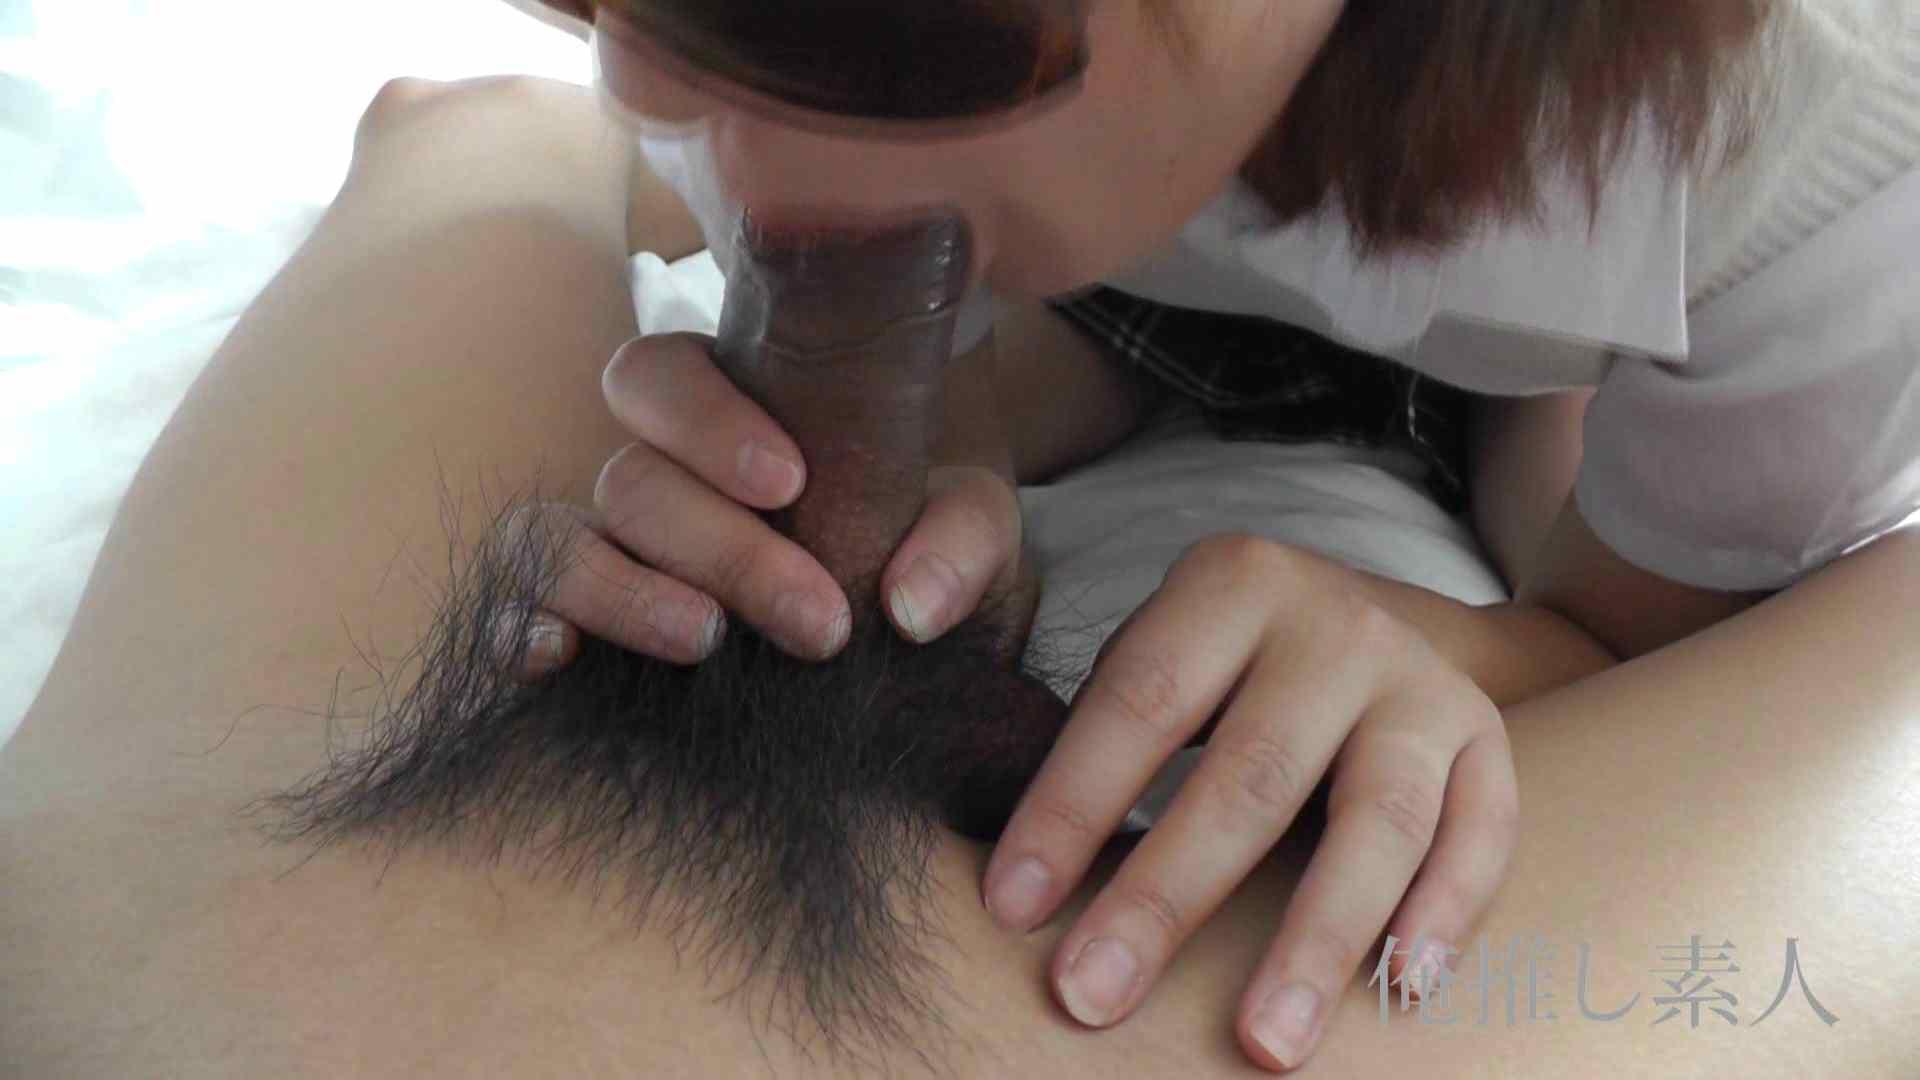 俺推し素人 キャバクラ嬢26歳久美vol6 フェラ 隠し撮りオマンコ動画紹介 77連発 52